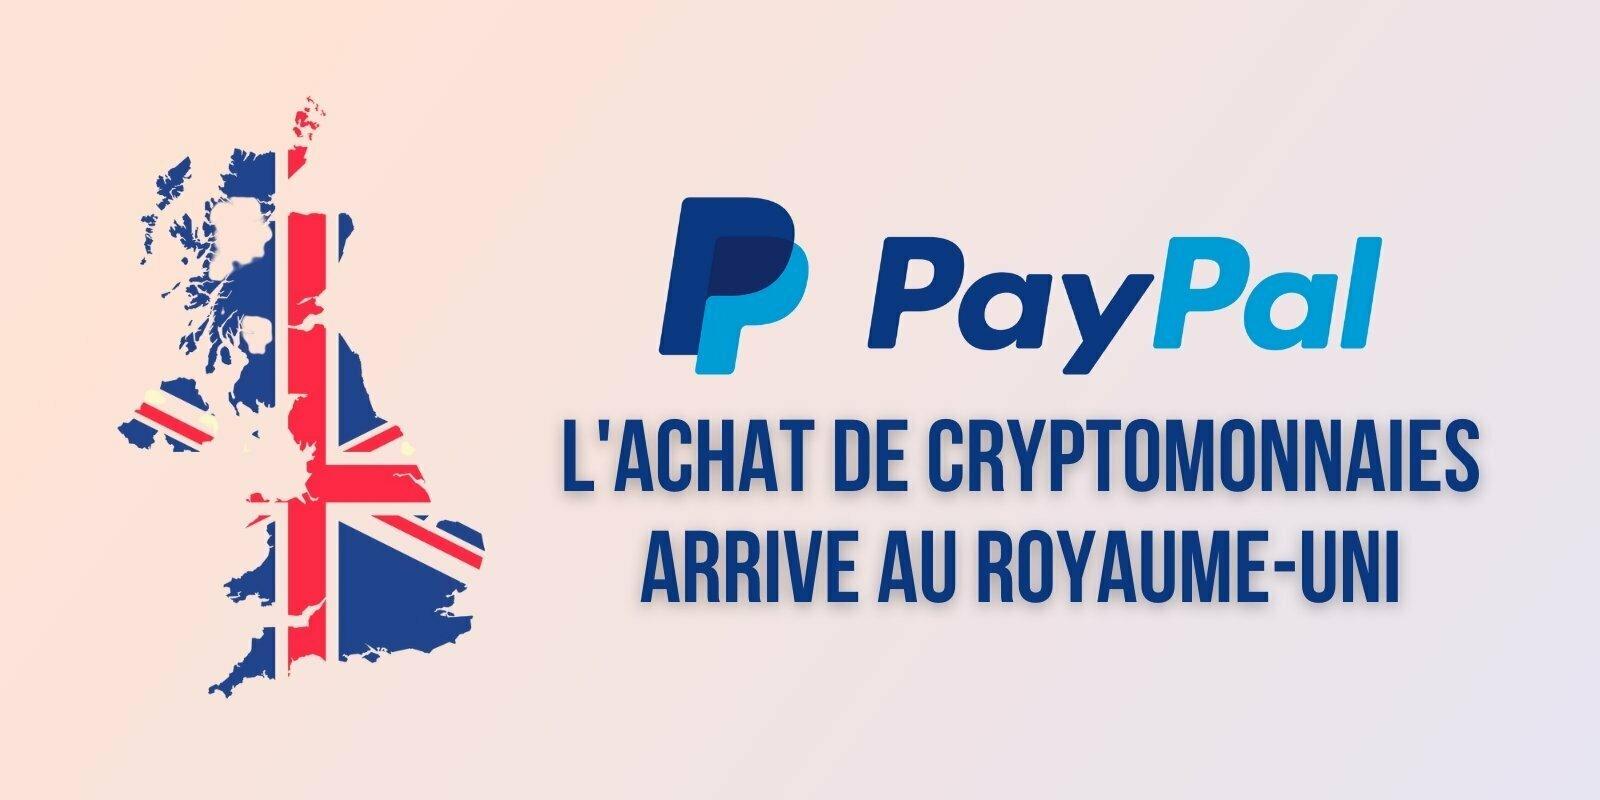 PayPal va permettre l'achat de cryptomonnaies au Royaume-Uni